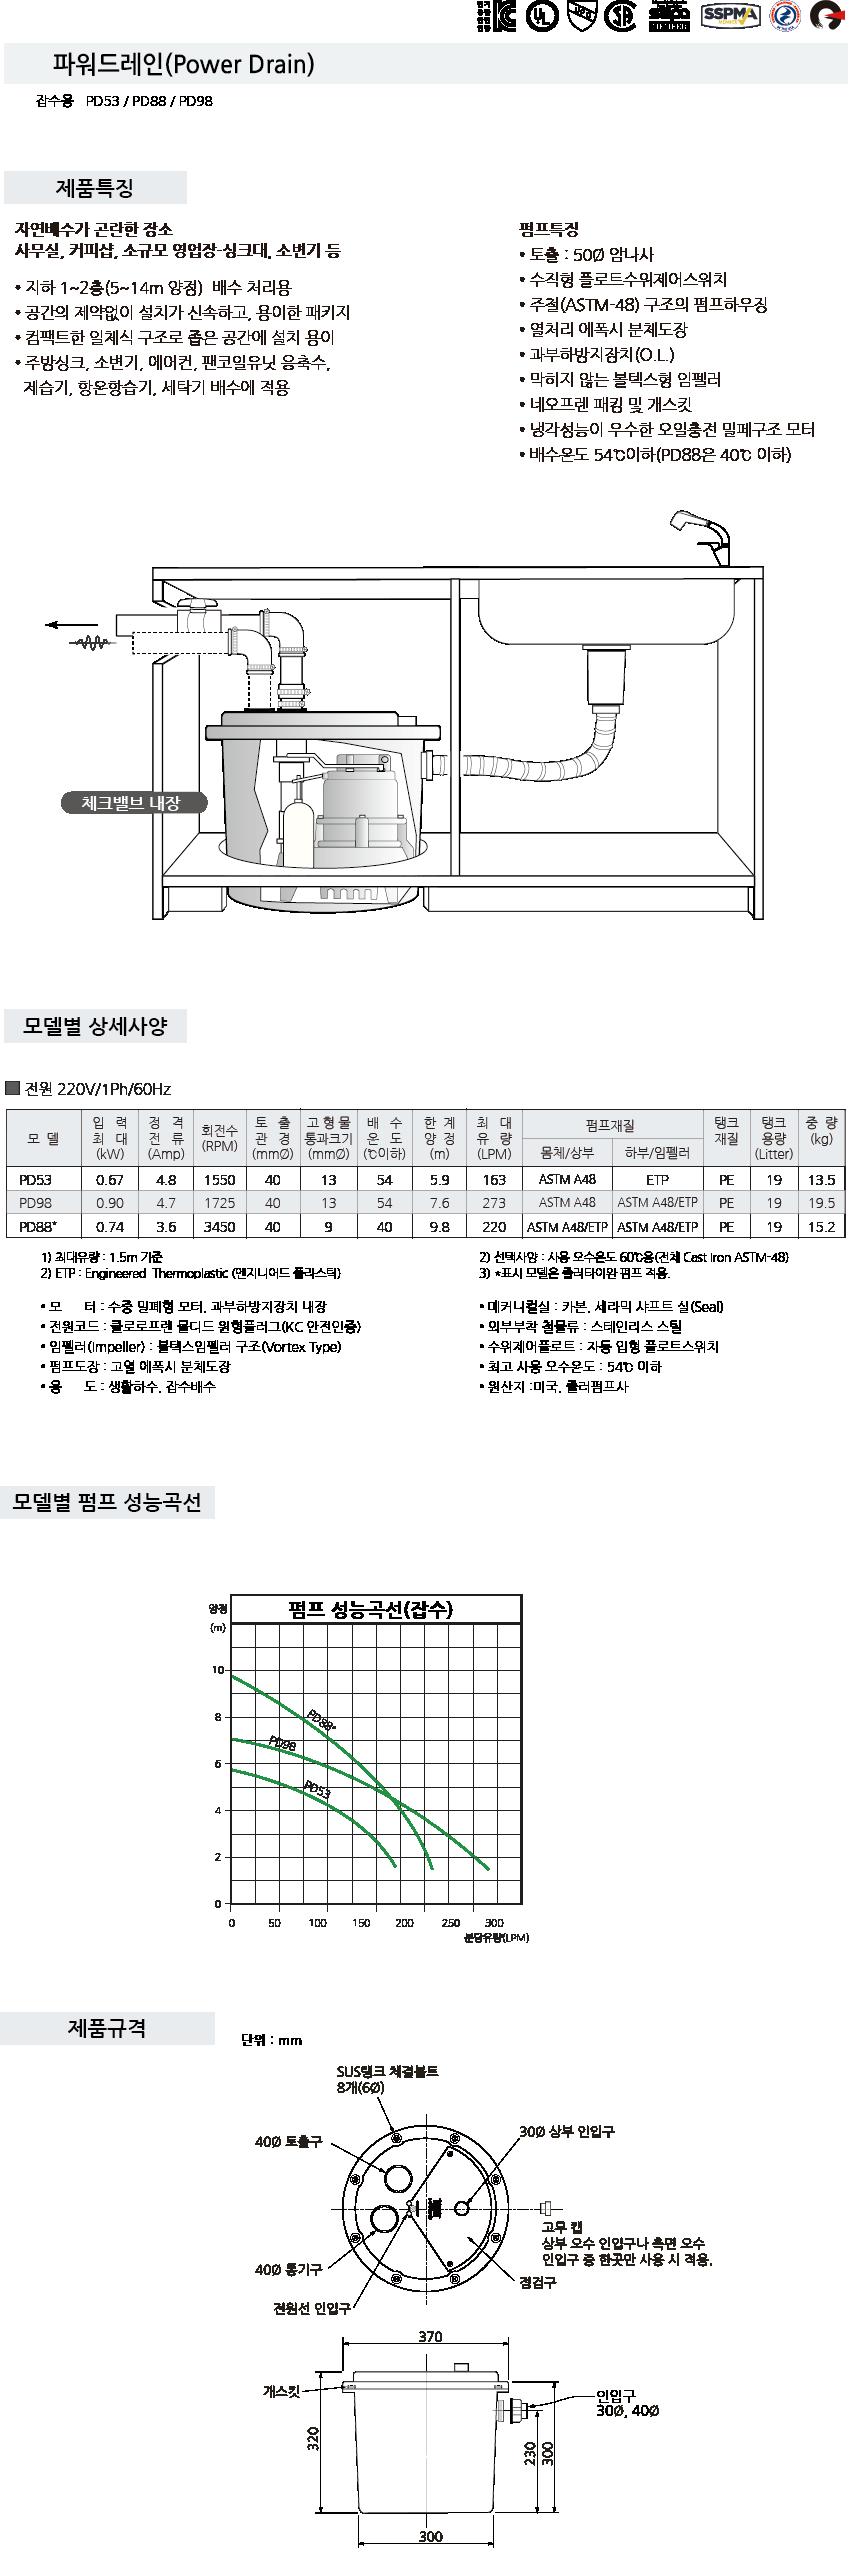 파워드레인 852 나눔-1.png